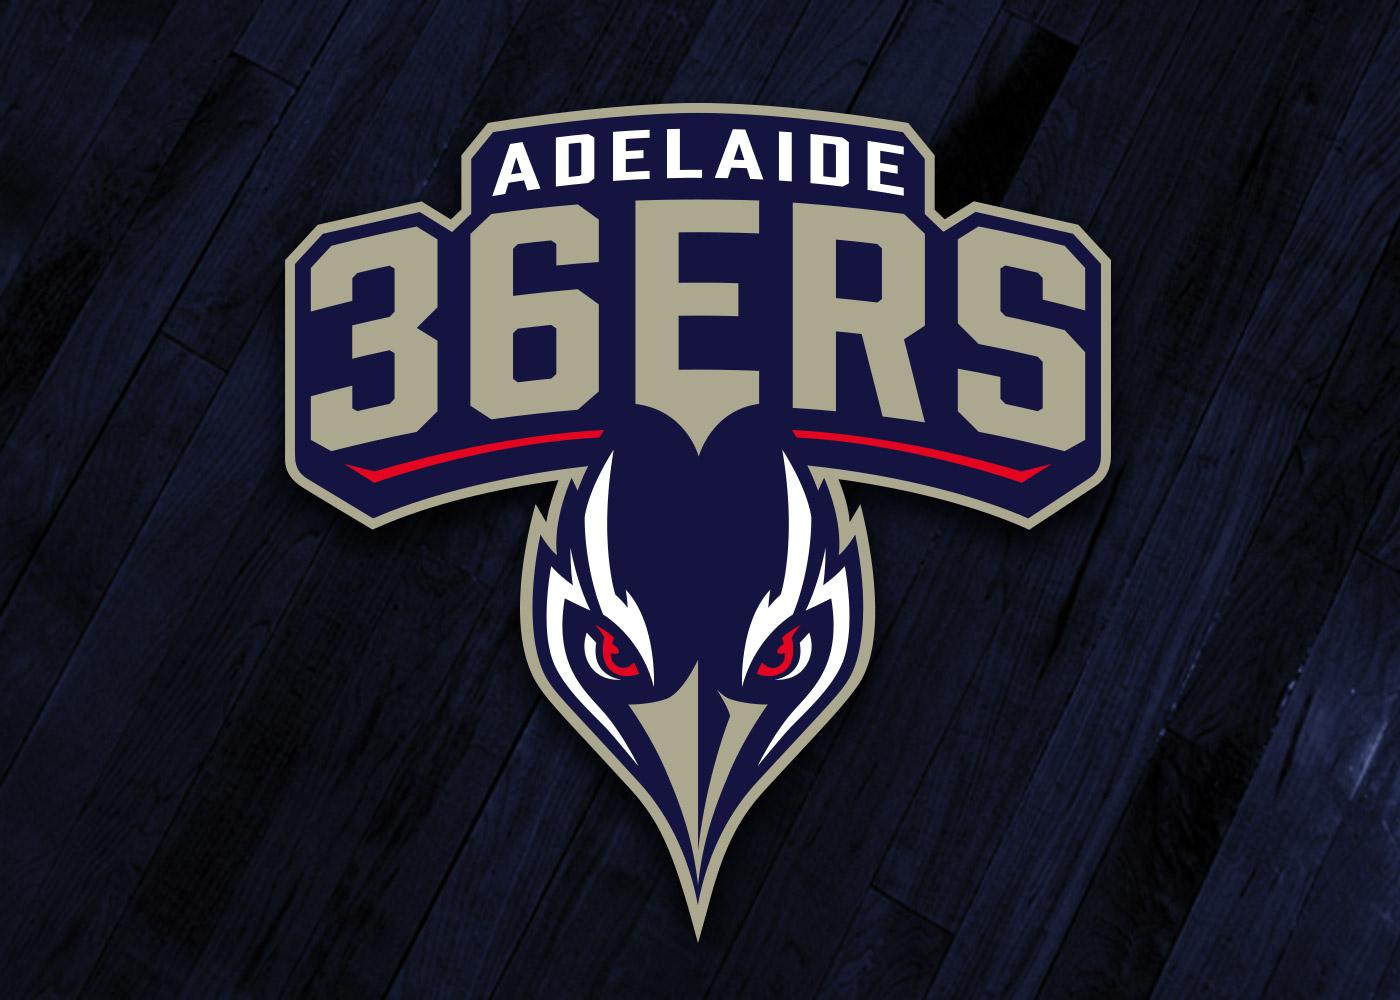 ADELADIE-36ERS__WebPage_01